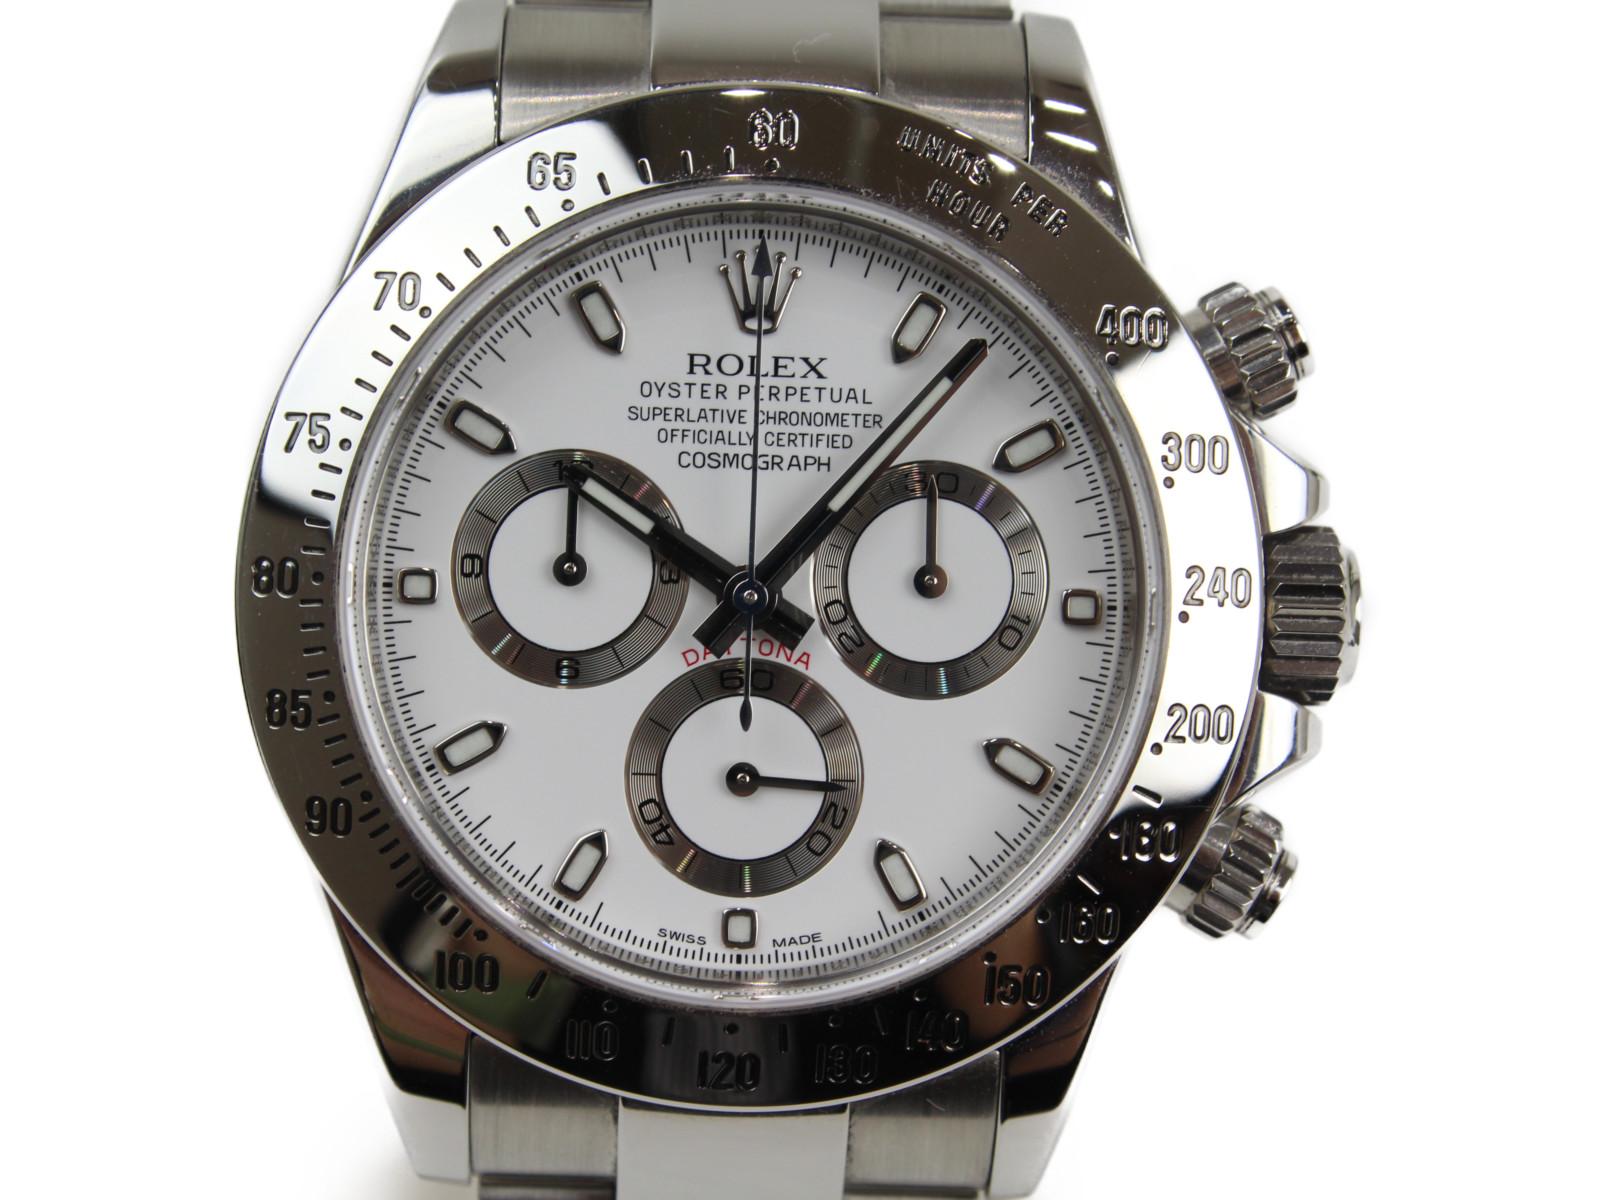 【ギャラ有】ROLEX ロレックス デイトナ 116520 自動巻き ランダム クロノグラフ SS ホワイト メンズ 腕時計【中古】